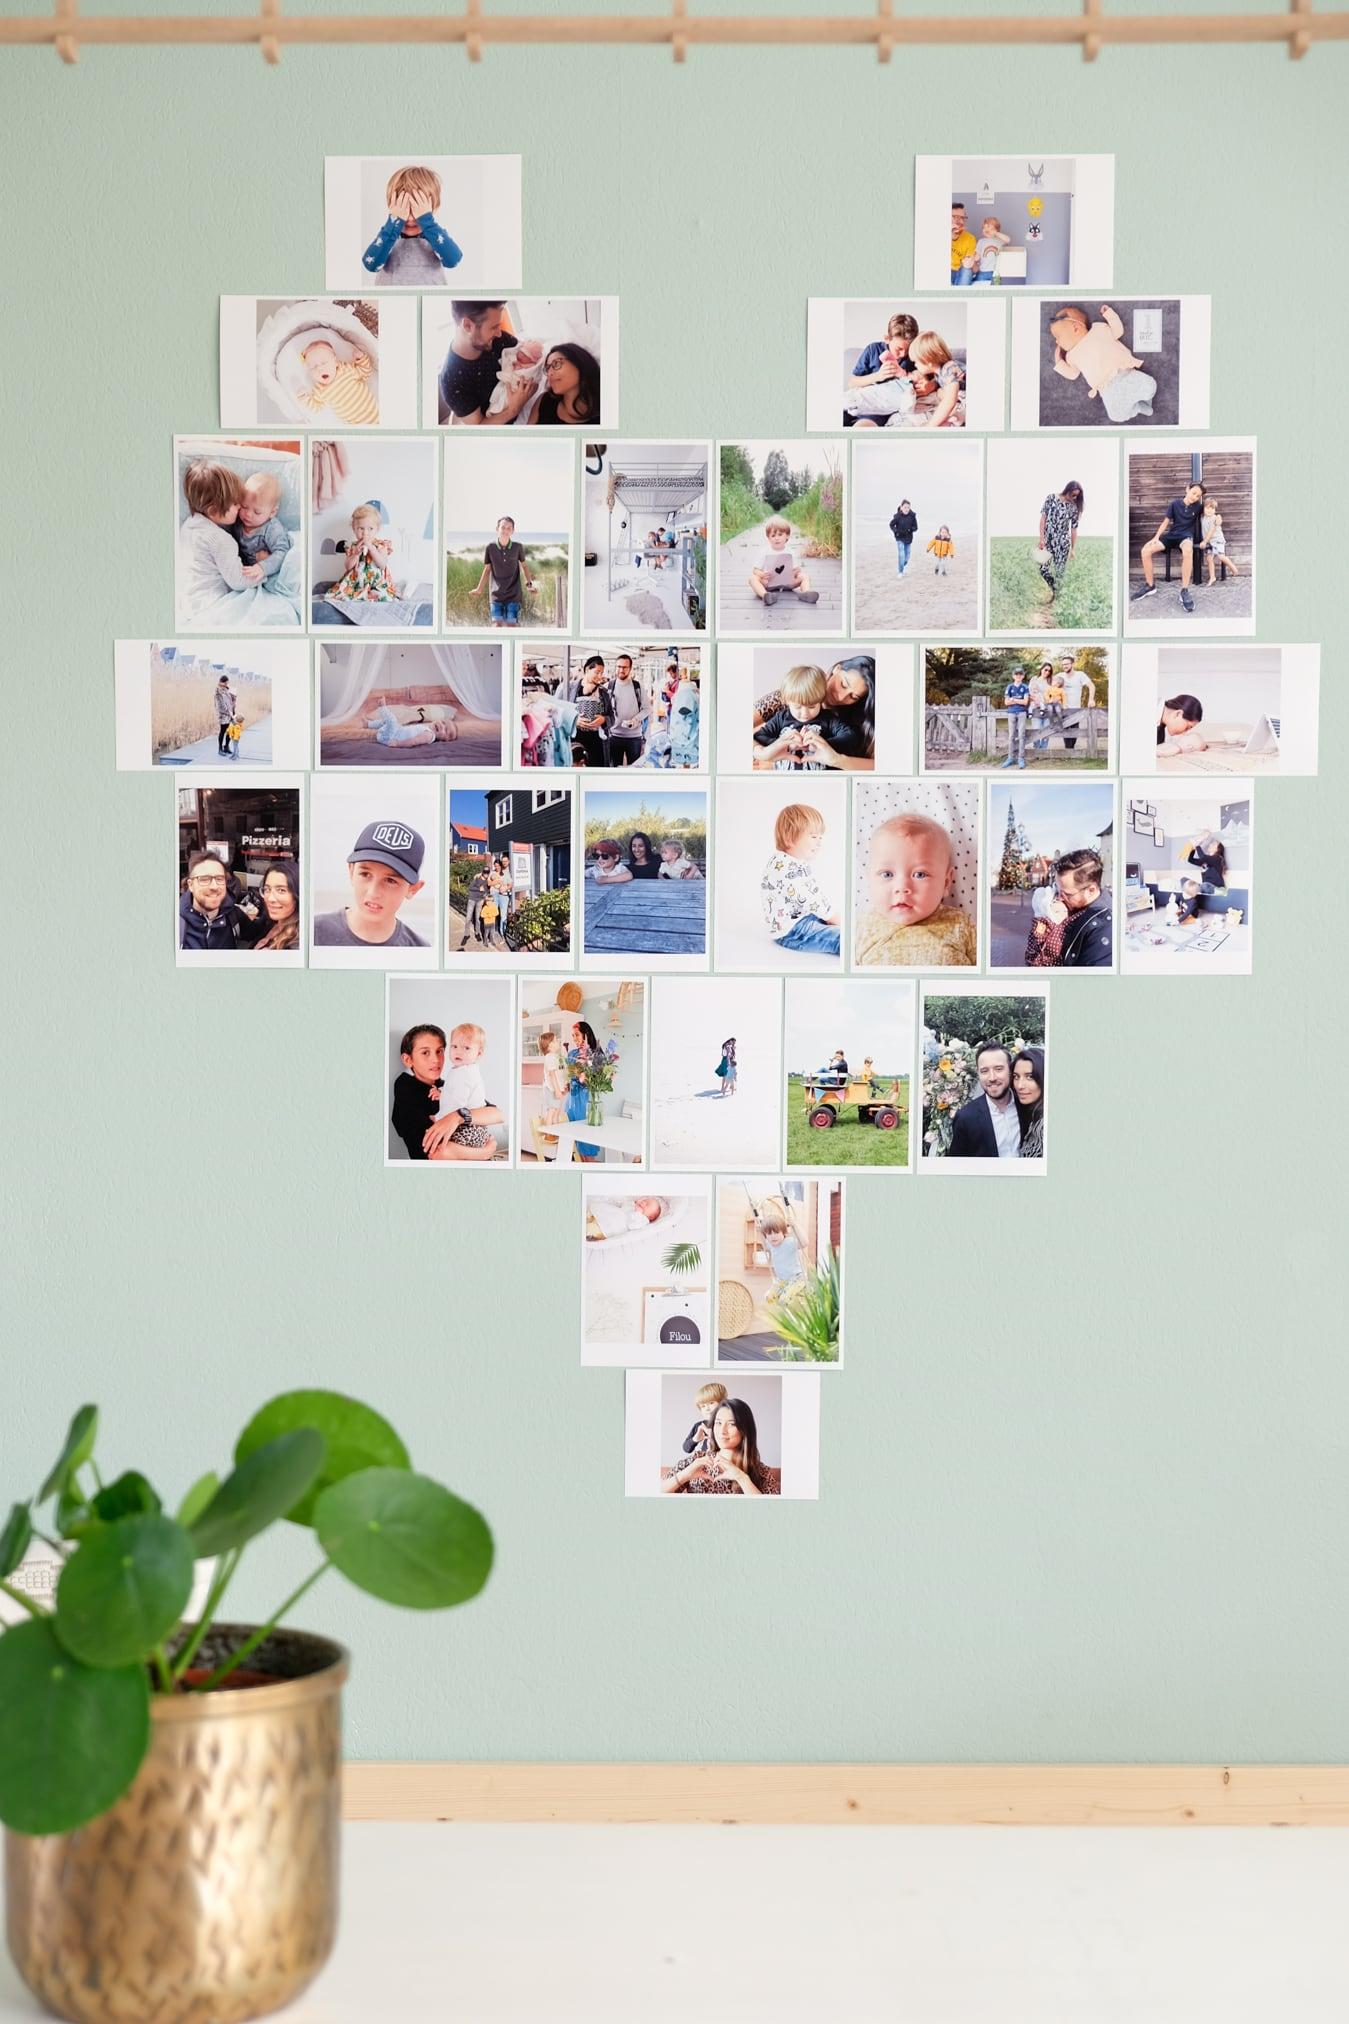 hart van foto's op de muur